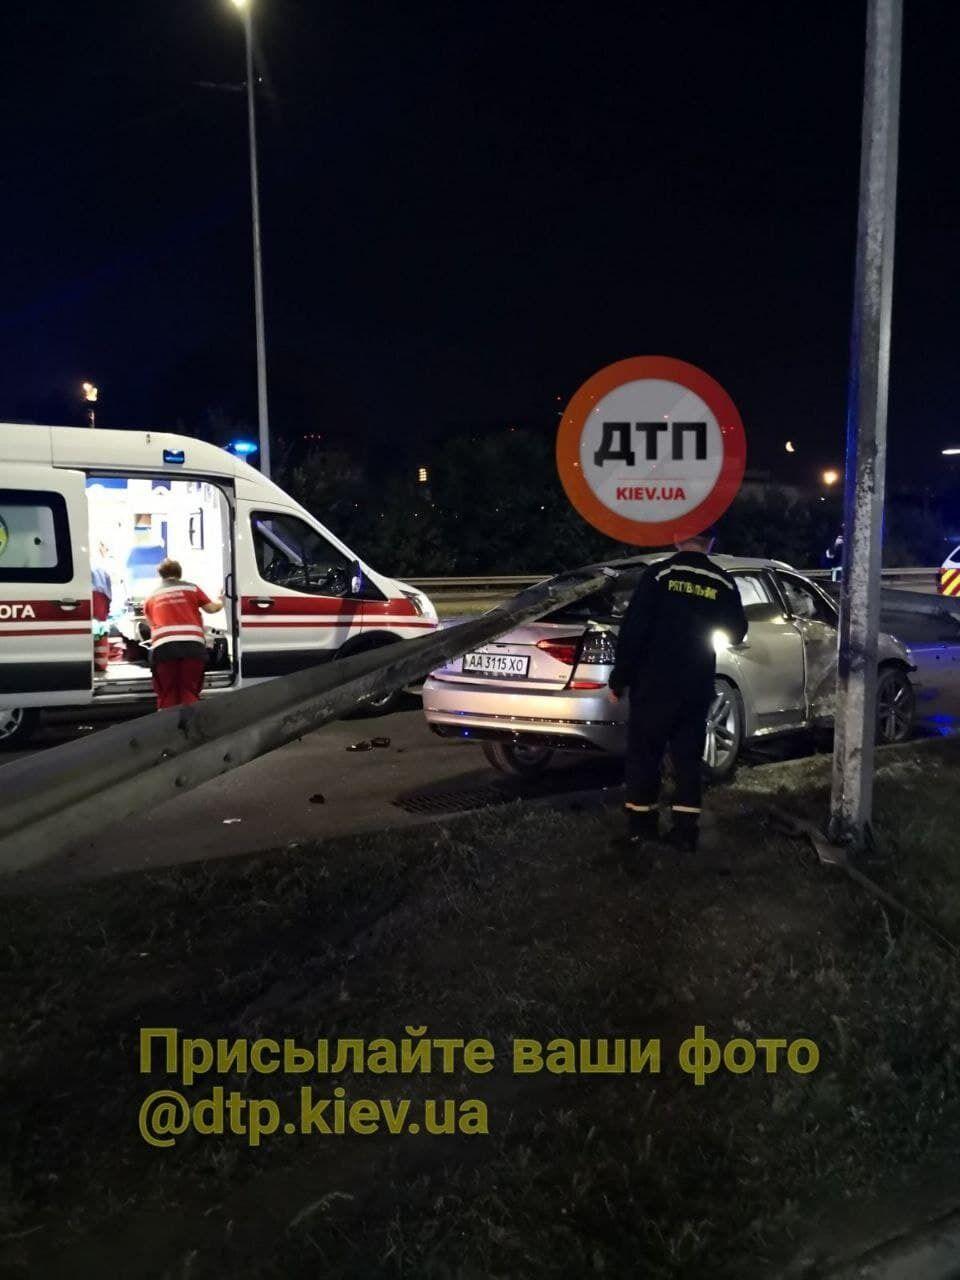 Водитель получил травмы и был госпитализирован.